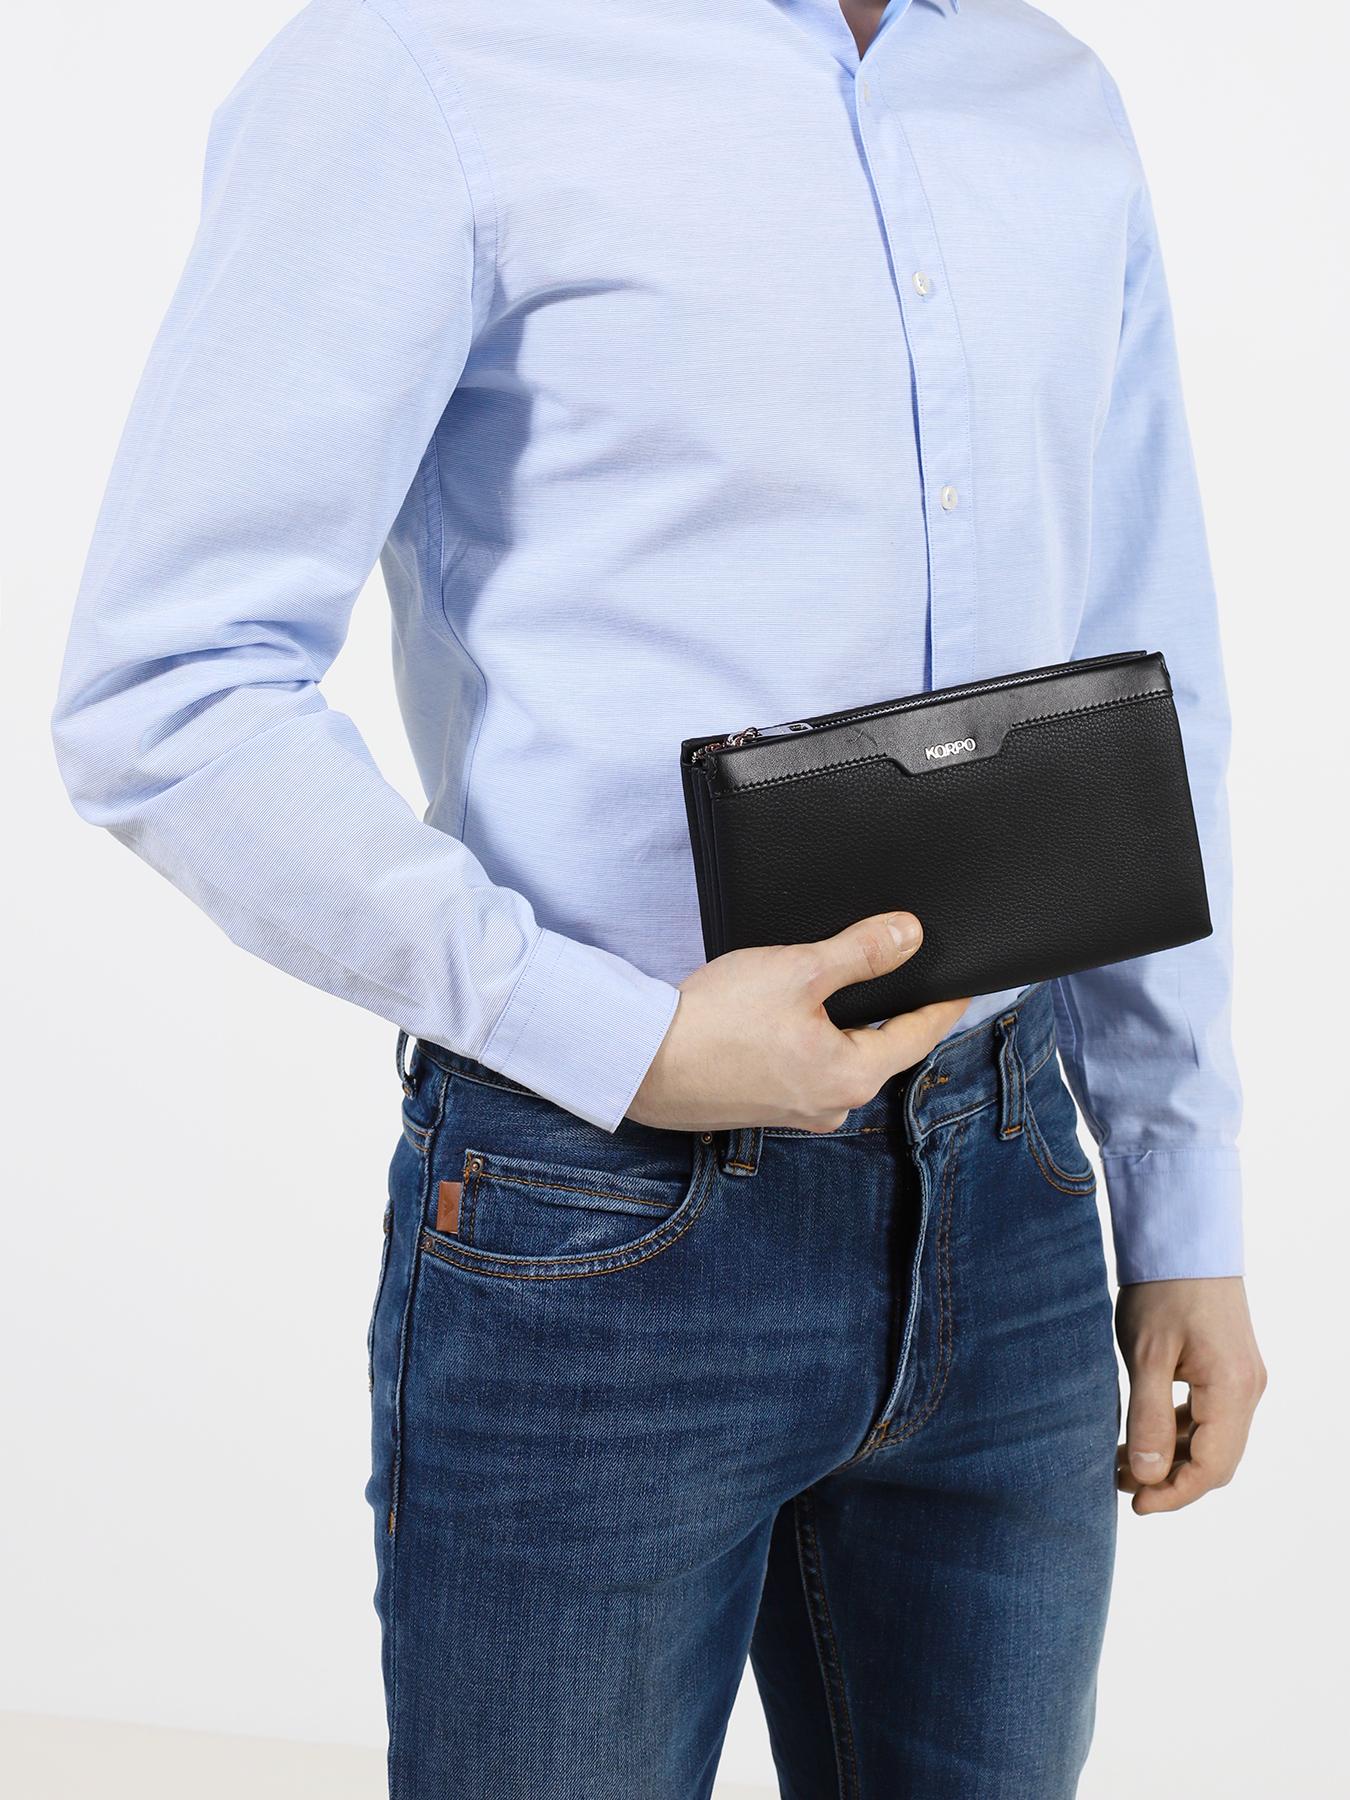 Фото - Портмоне Korpo Портмоне портмоне indigo jeans 533 синее